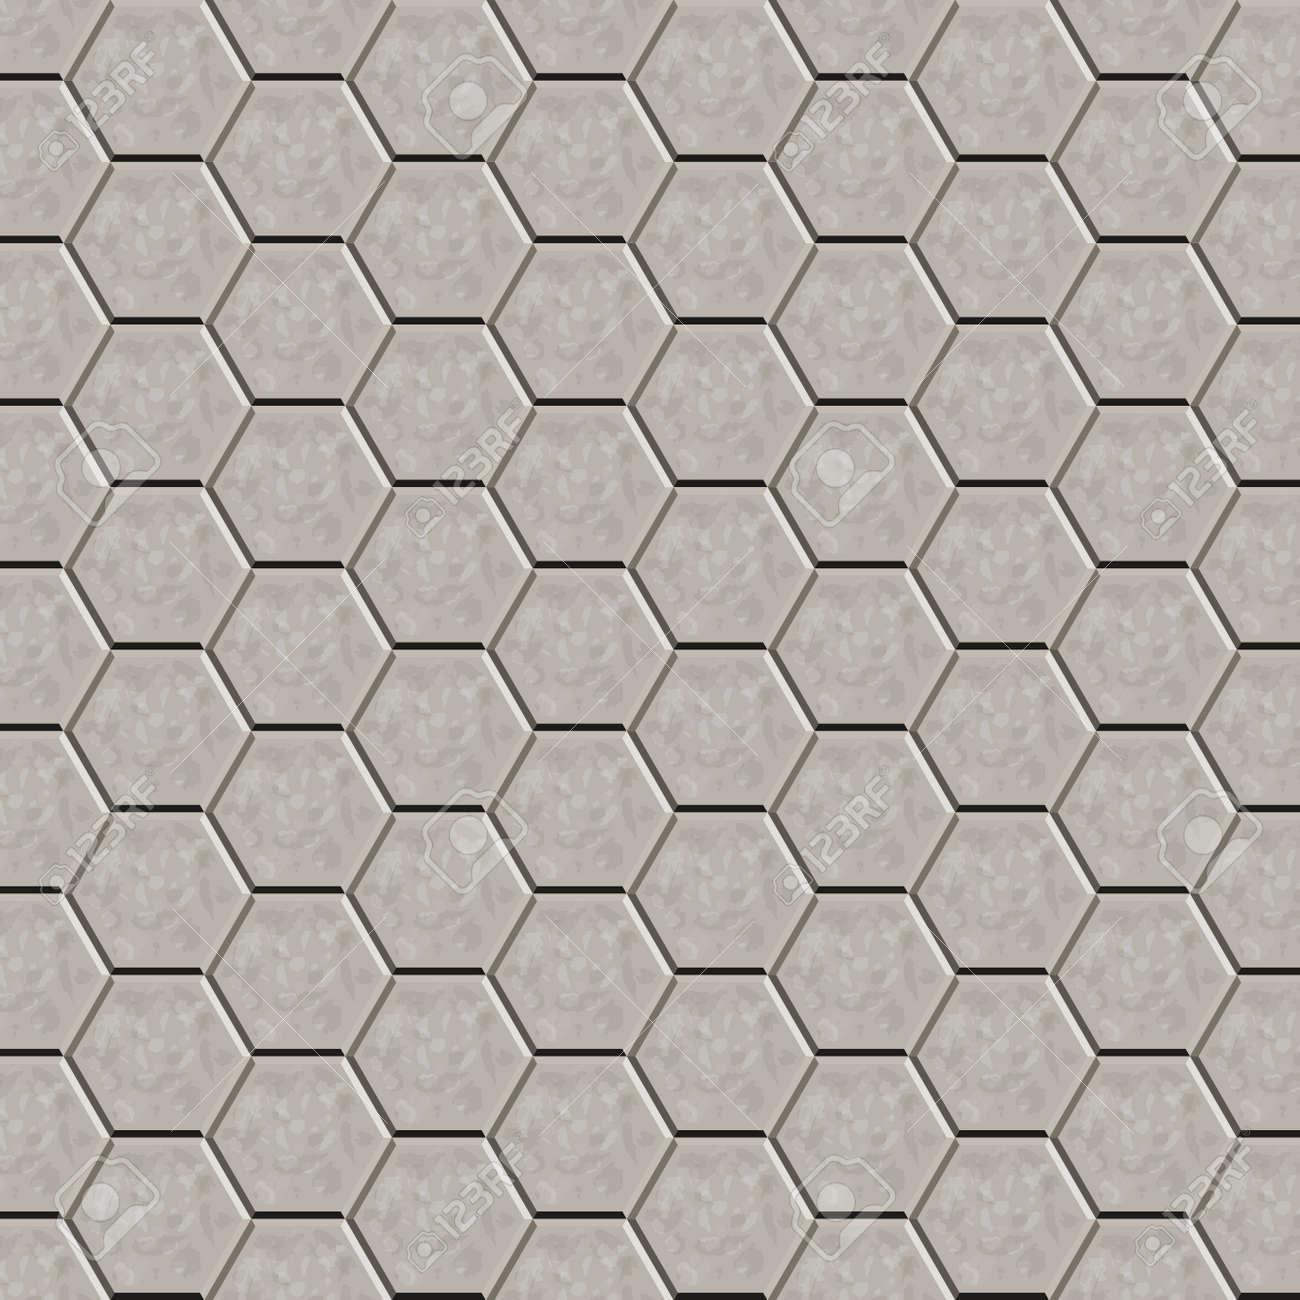 hexagon tile floor amand